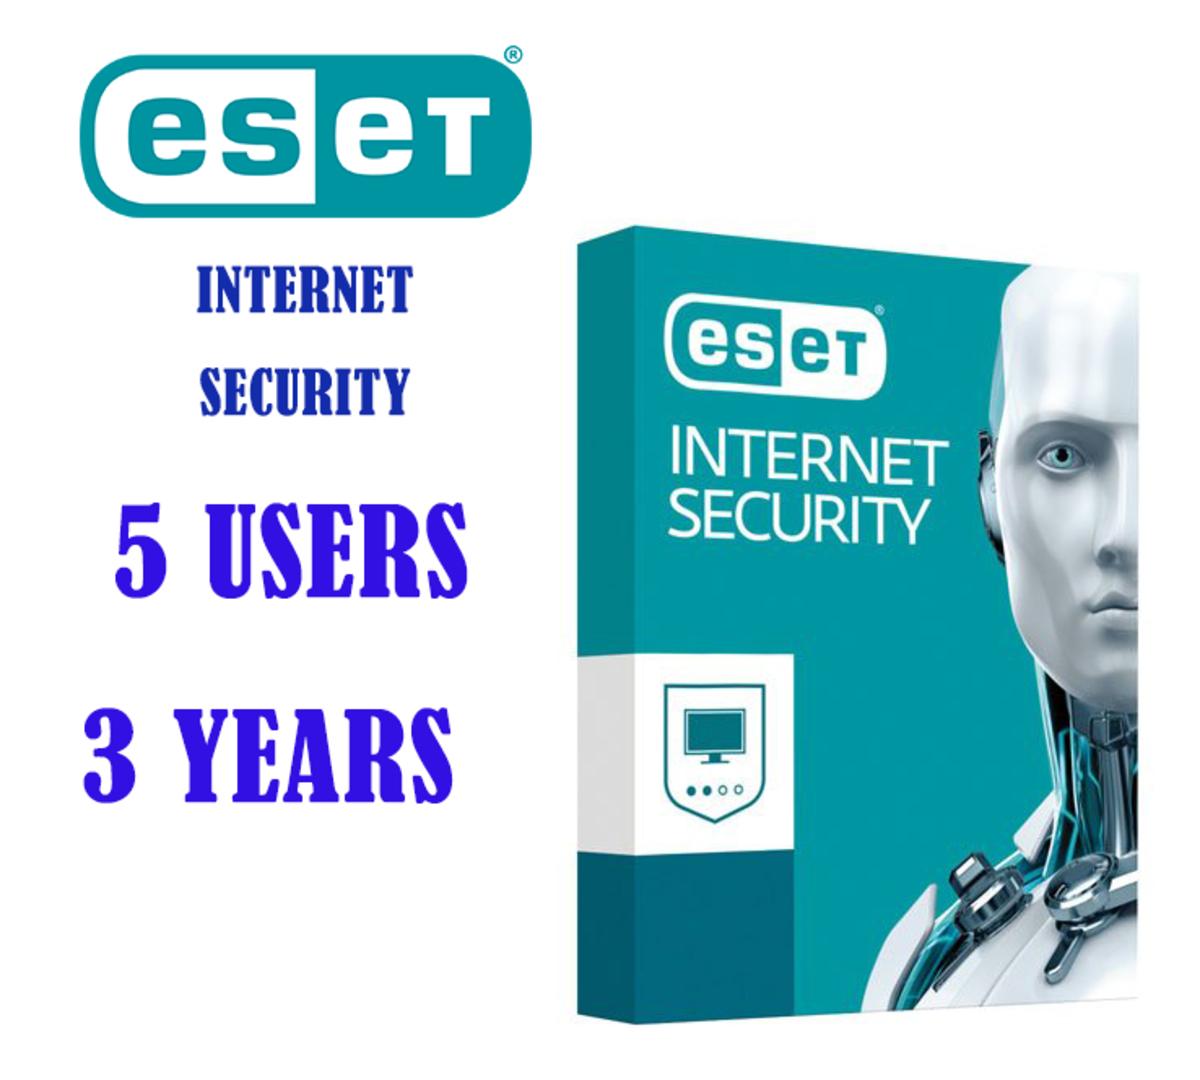 Internet Security (5用戶/3年版本) 網絡安全套裝(送廿八葉 高山烏龍茶 60g)